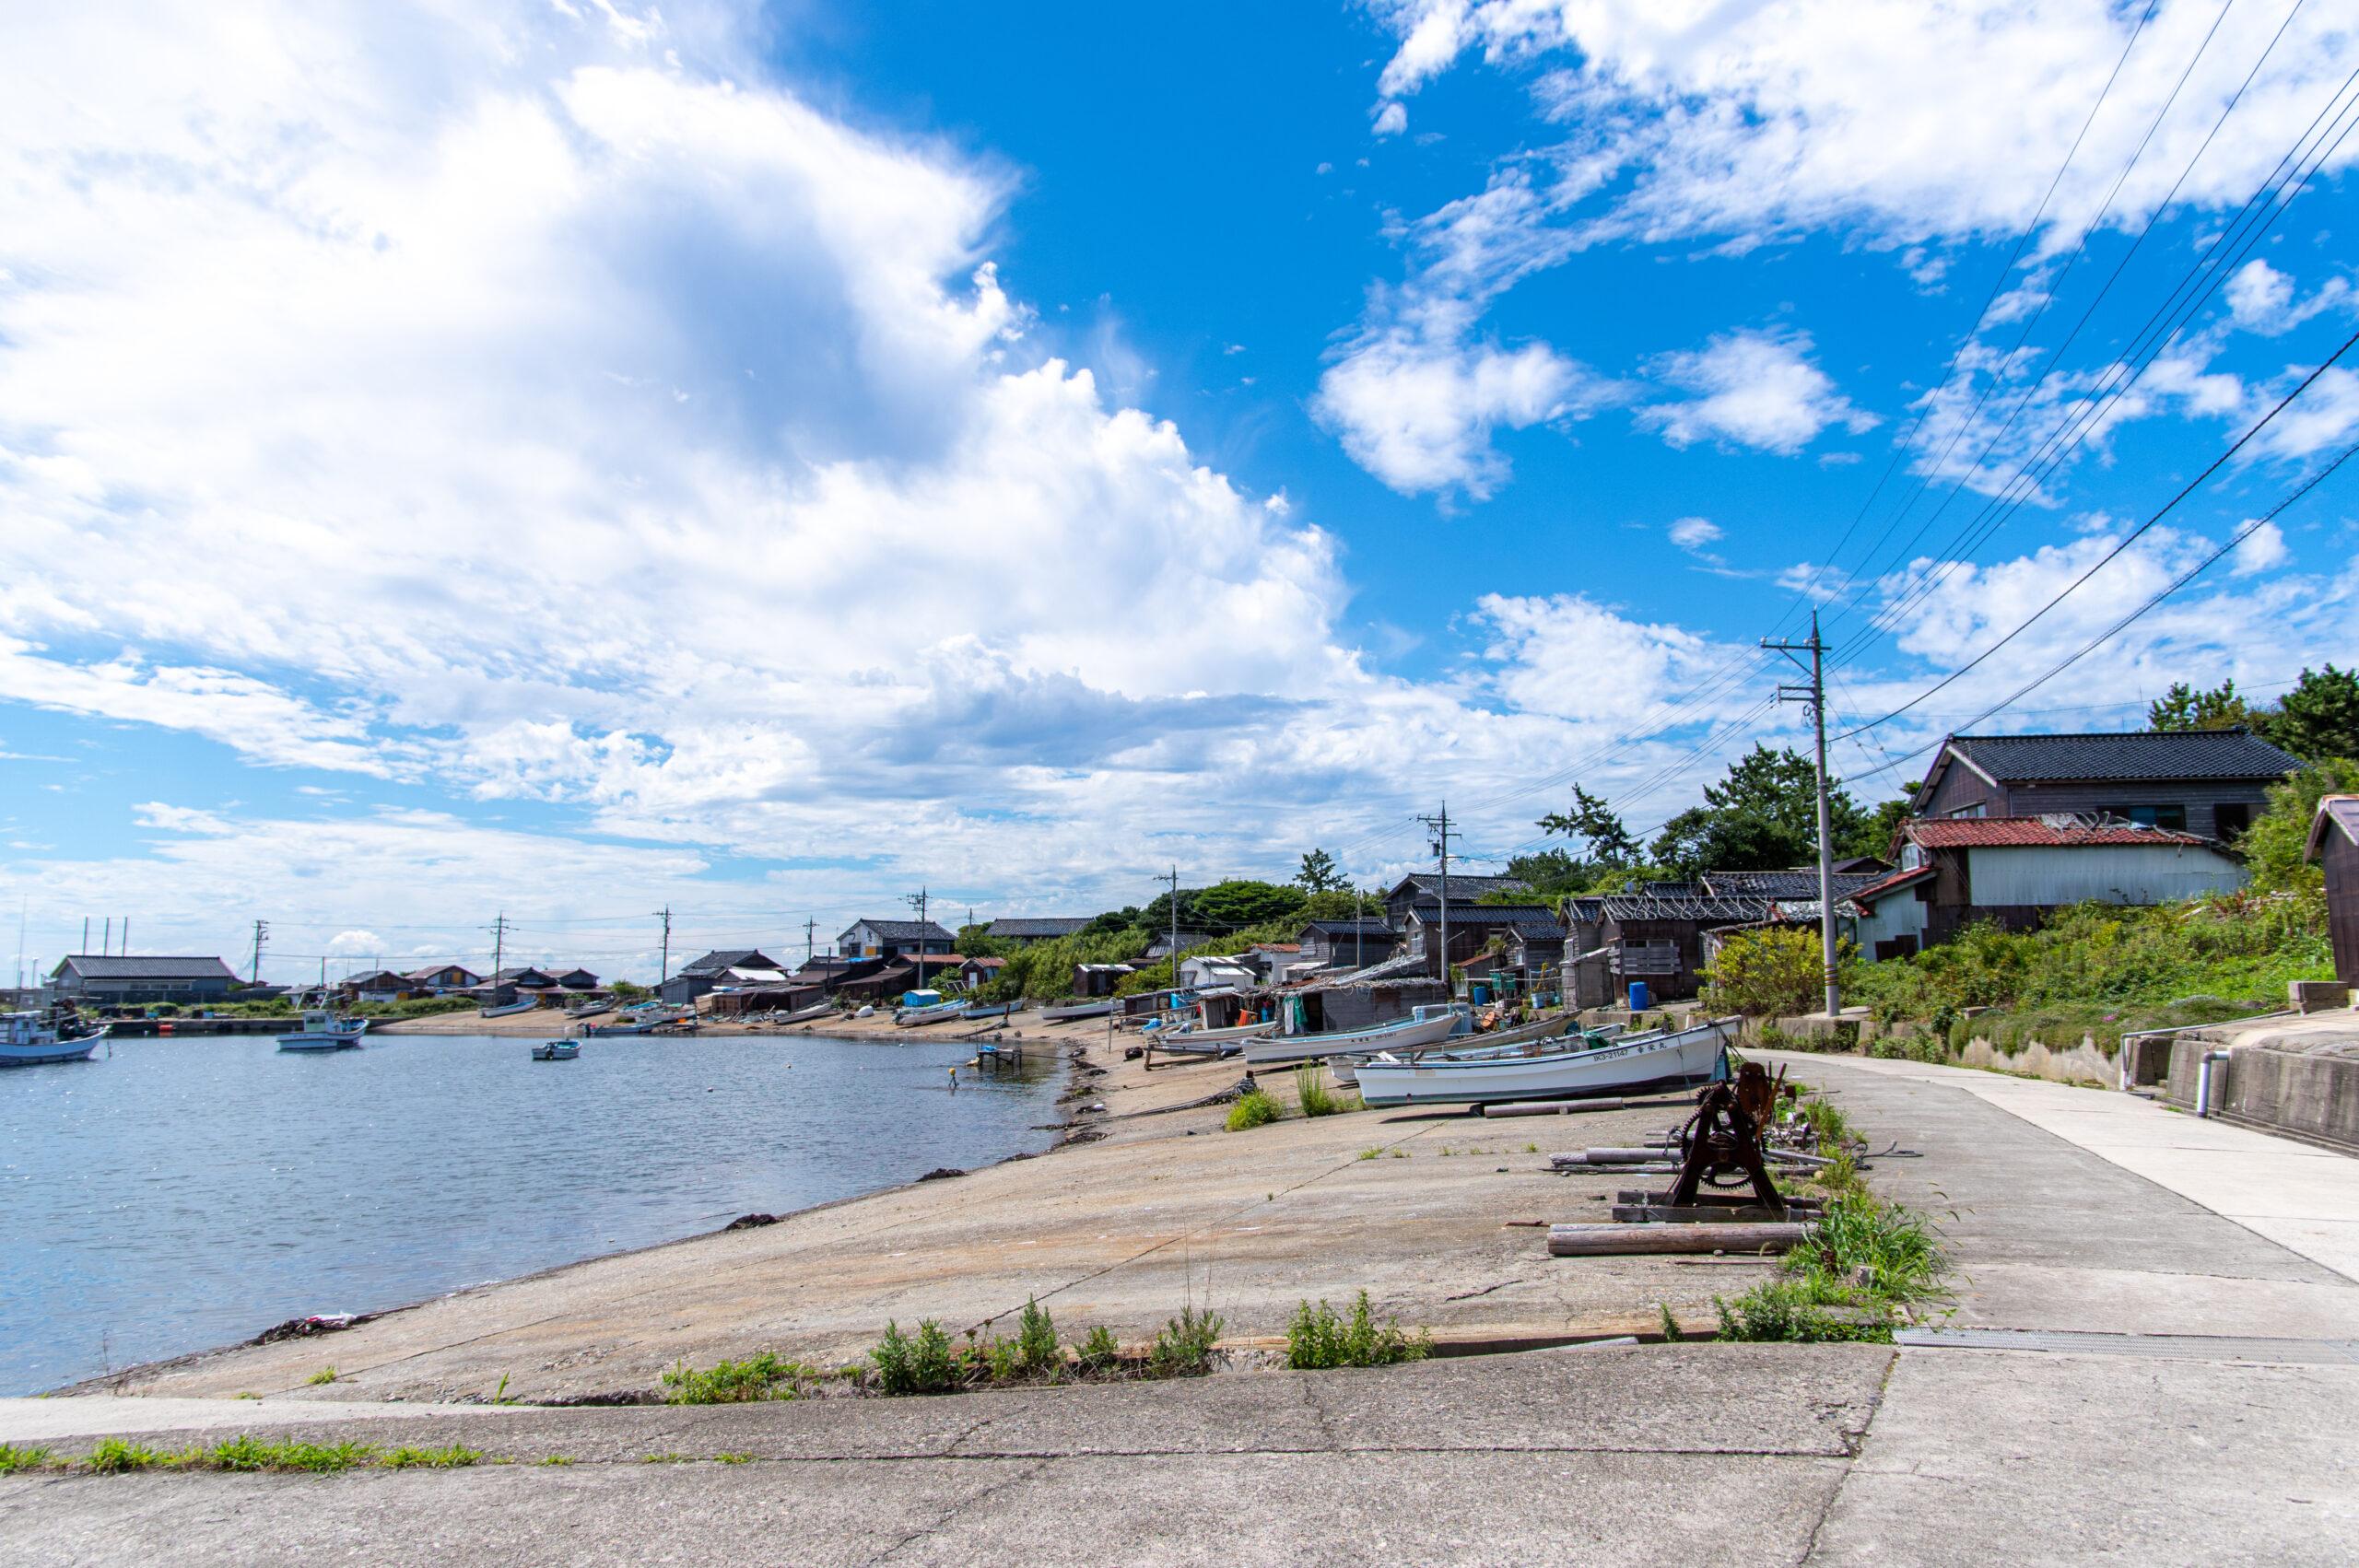 船は1日1本とアクセスが難しい!能登半島より北にある孤島、石川県の舳倉島への行き方。